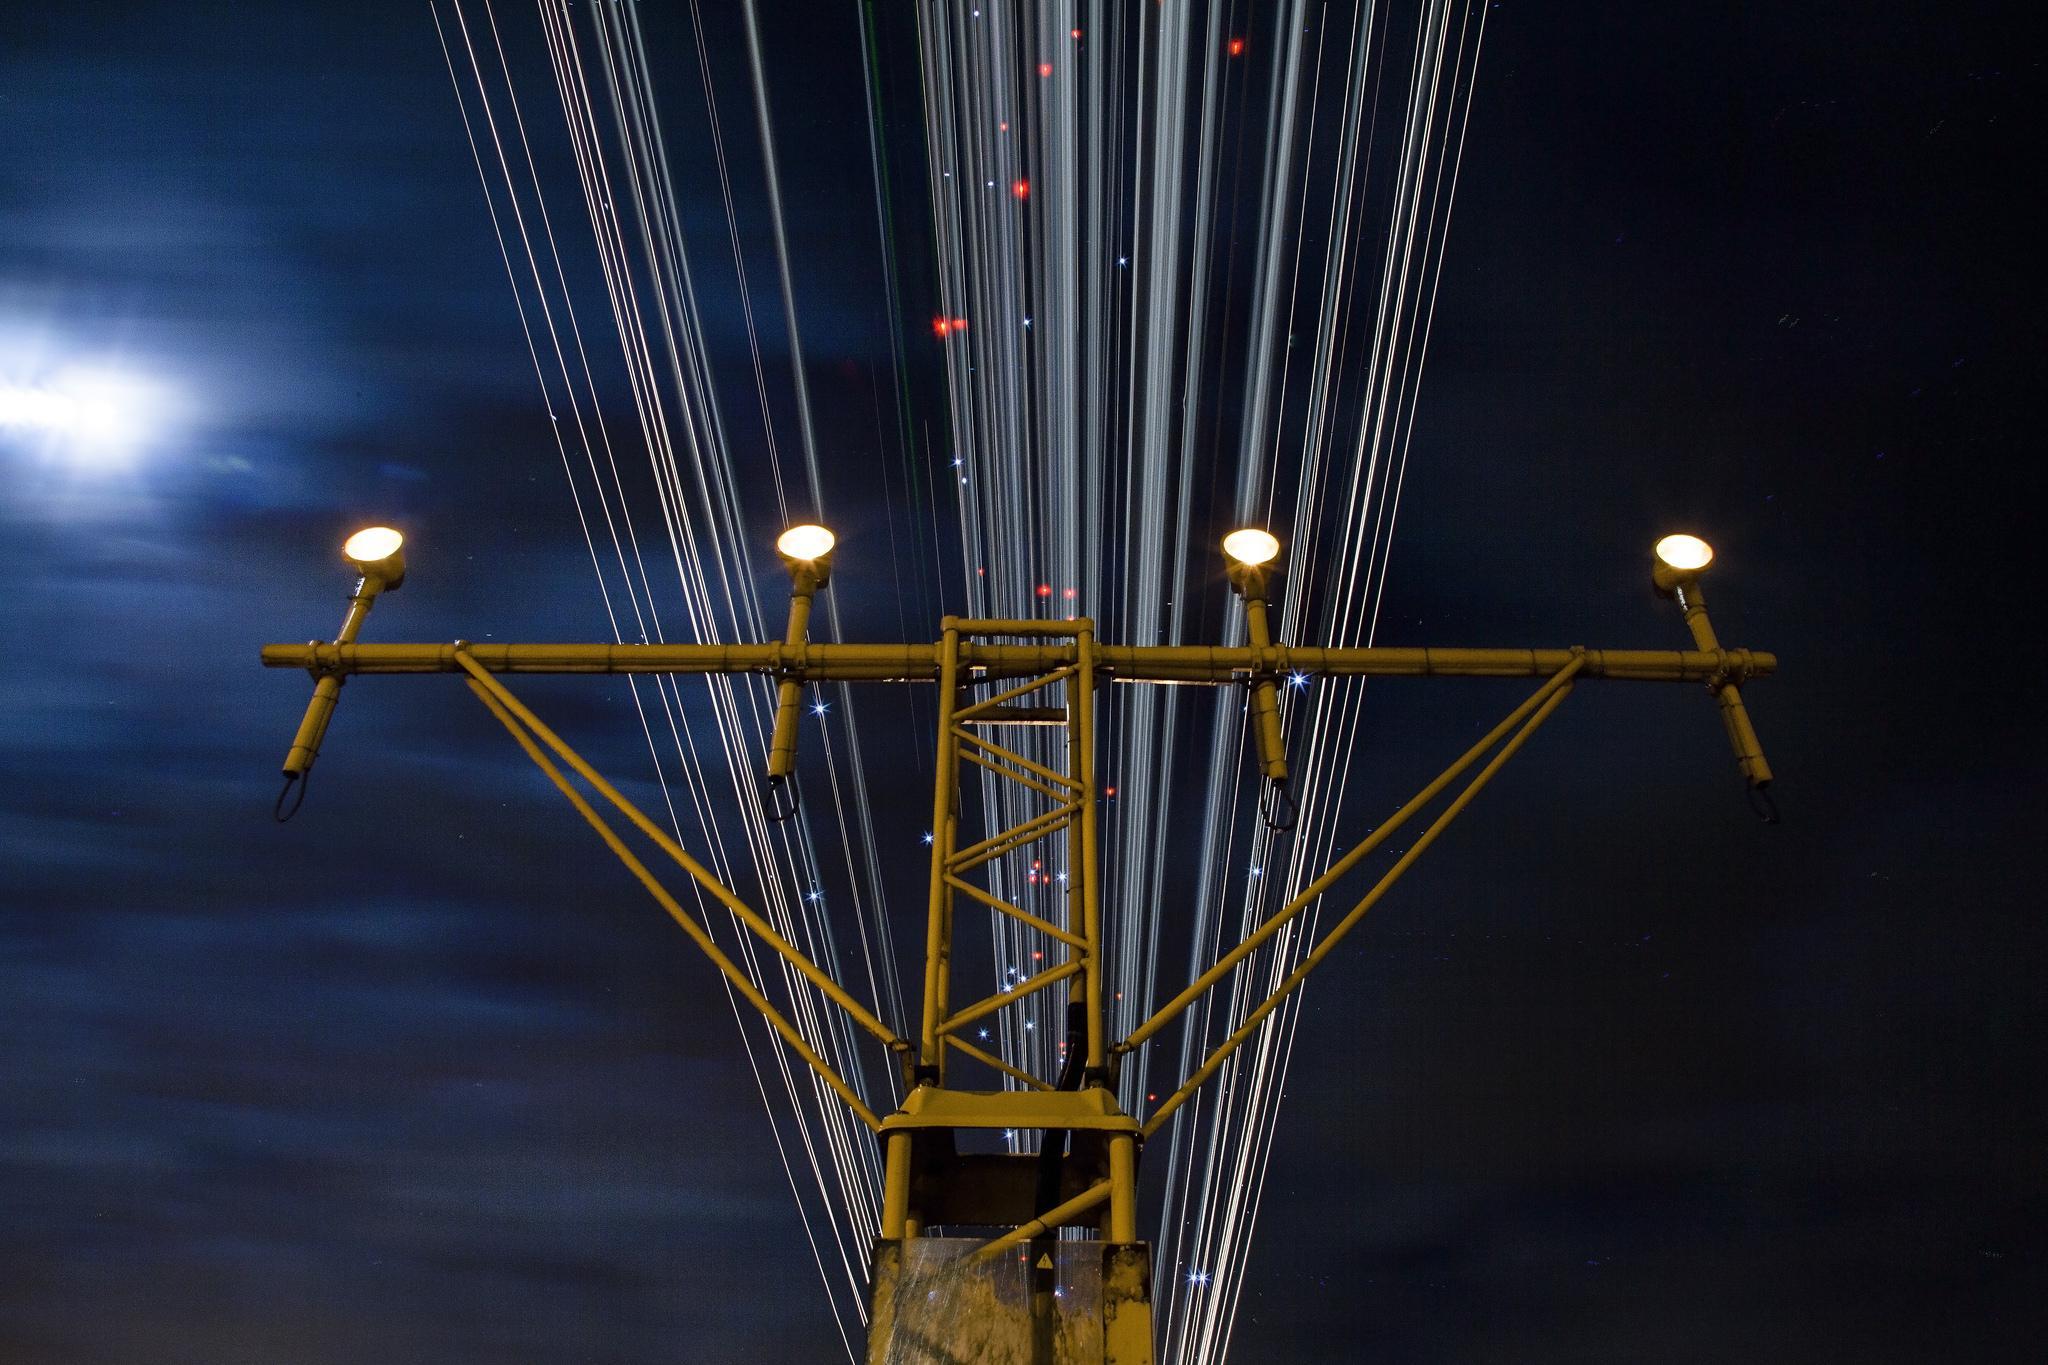 Nachtverbod Schiphol? Het kan, maar maakt vakanties duurder en holt KLM-netwerk uit